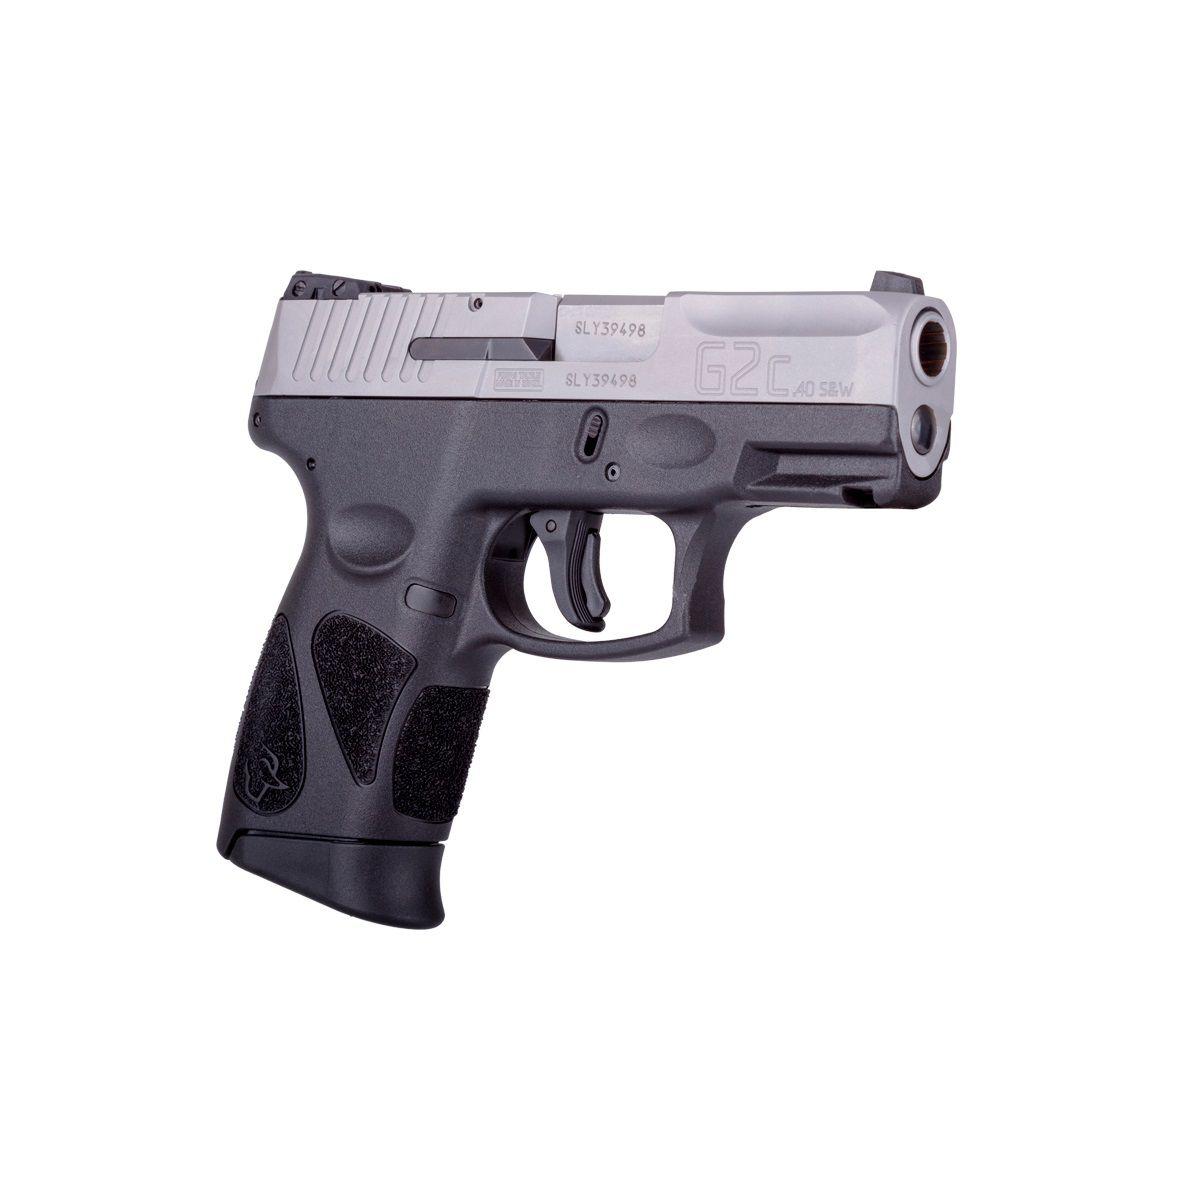 Pistola Taurus G2C .40 S&W - INOX FOSCO